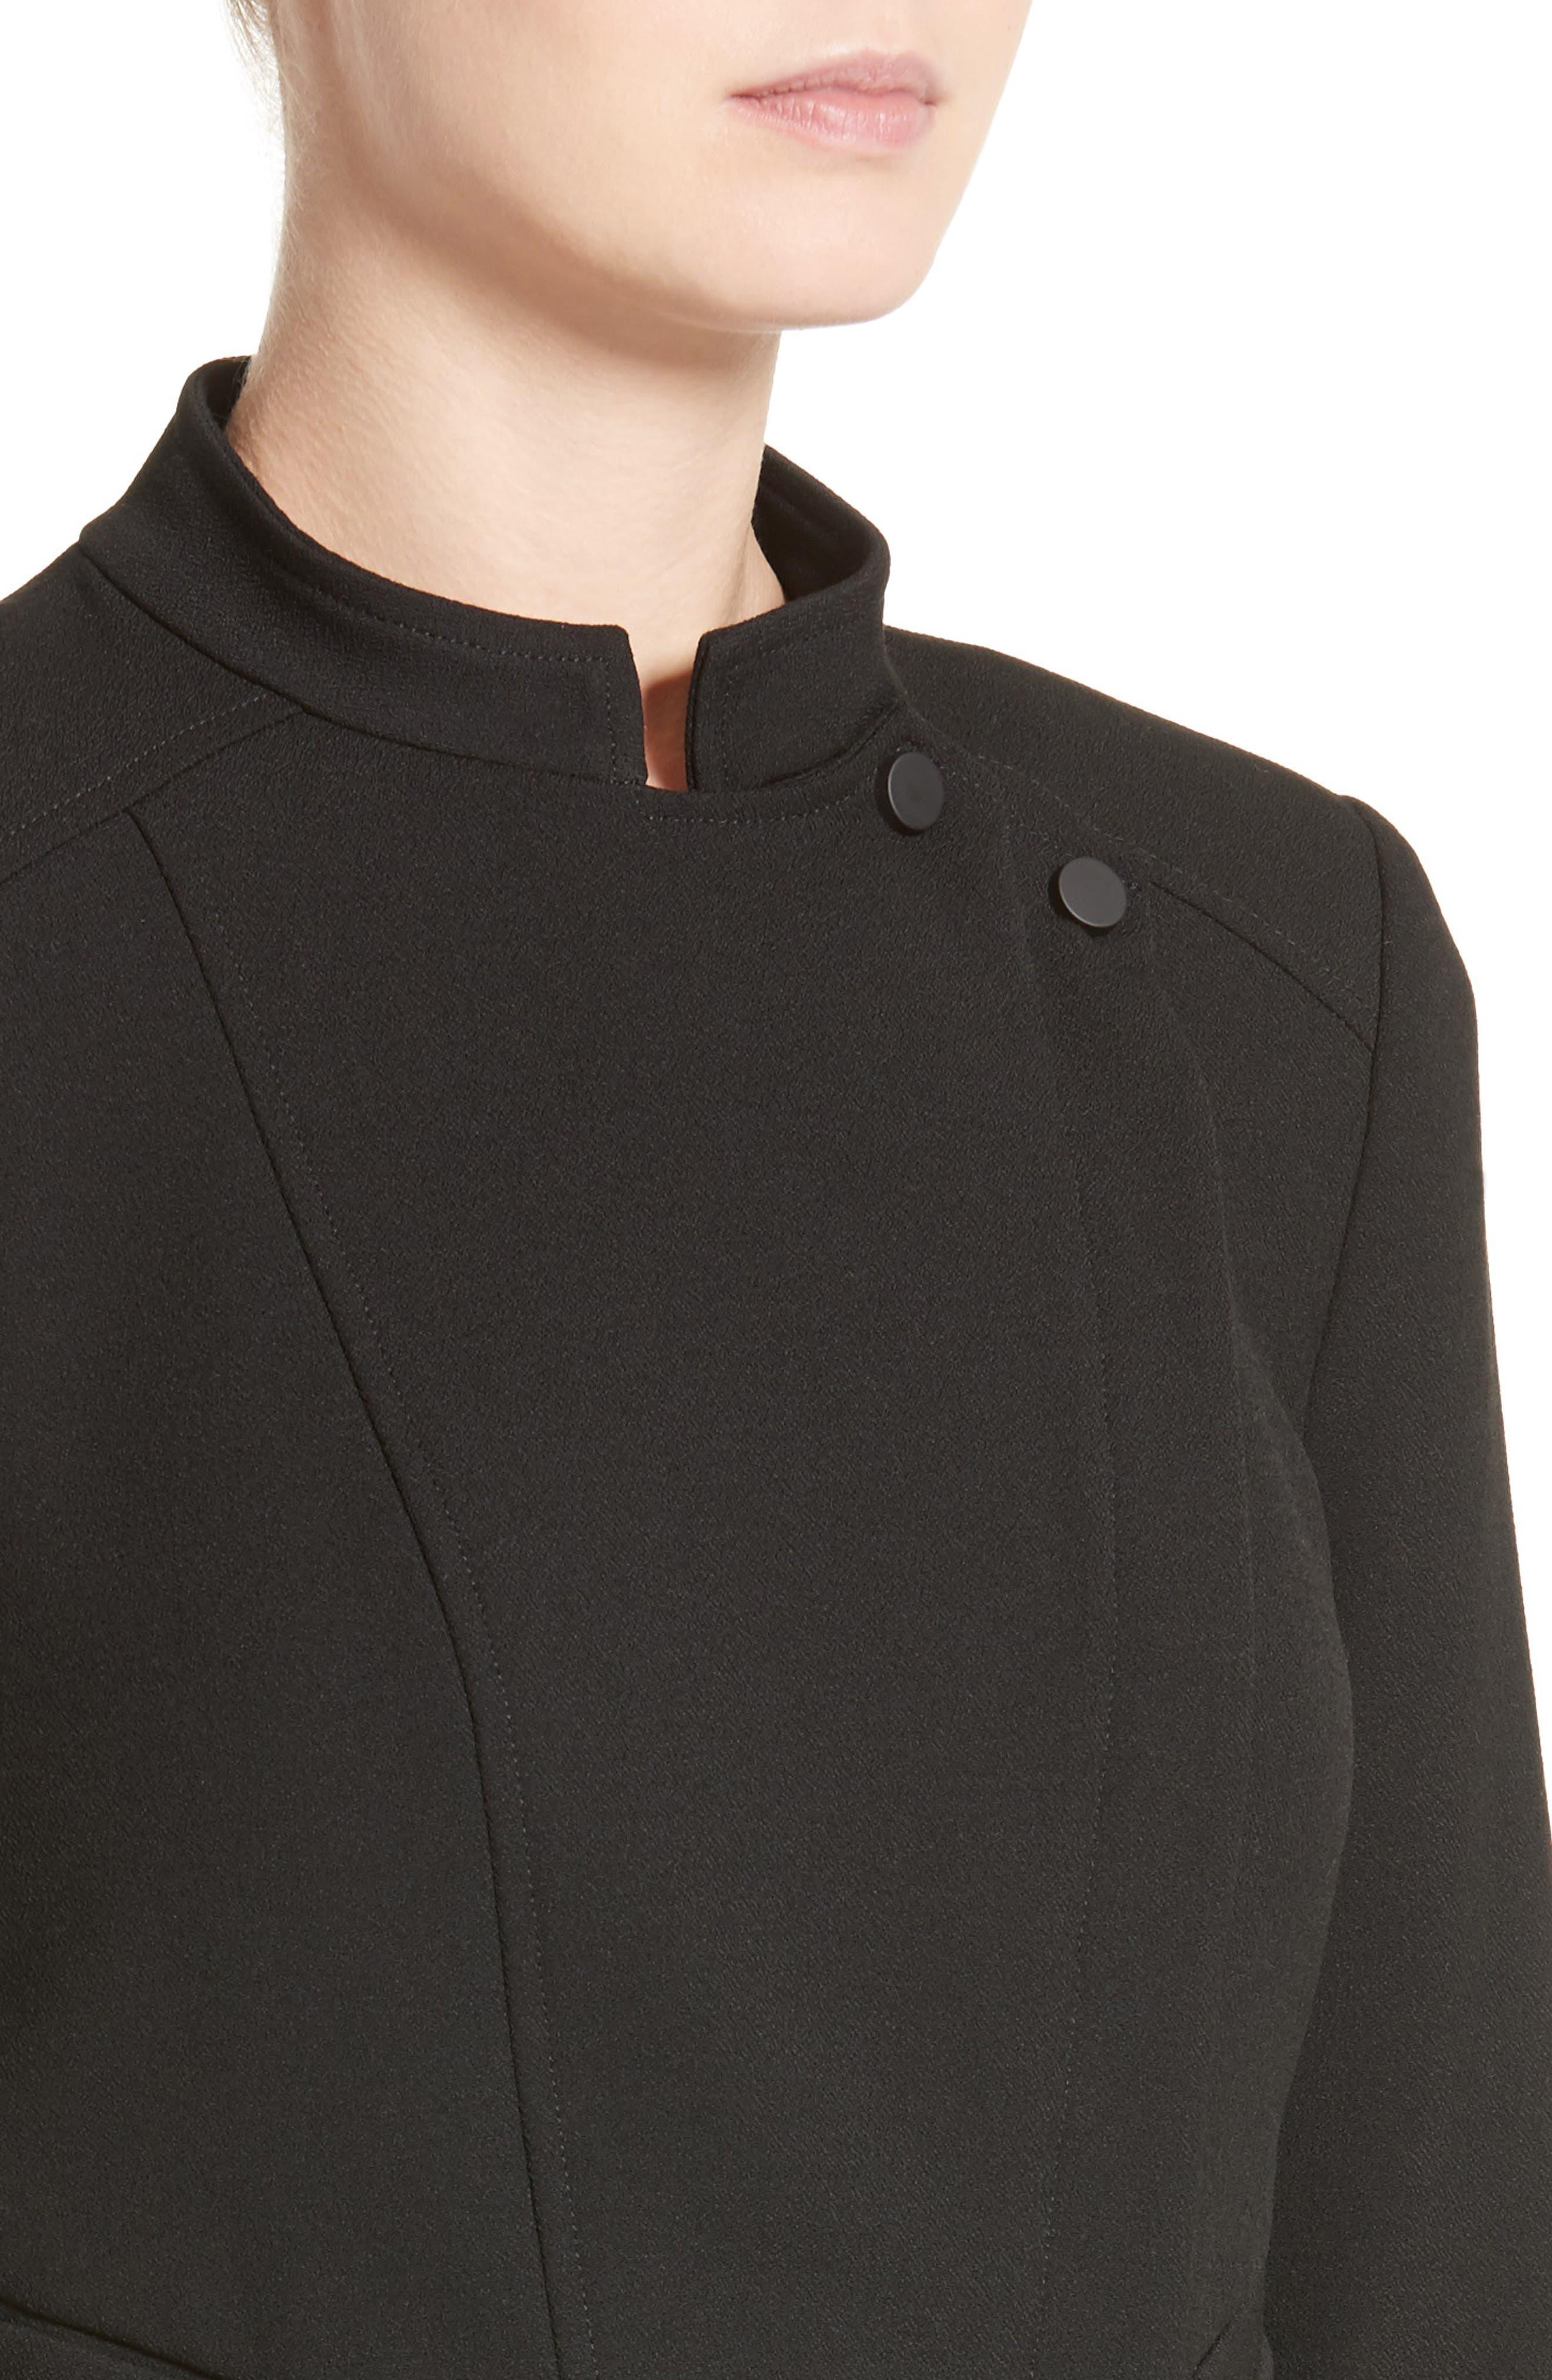 Armani Jeans Crepe Moto Jacket,                             Alternate thumbnail 6, color,                             Black